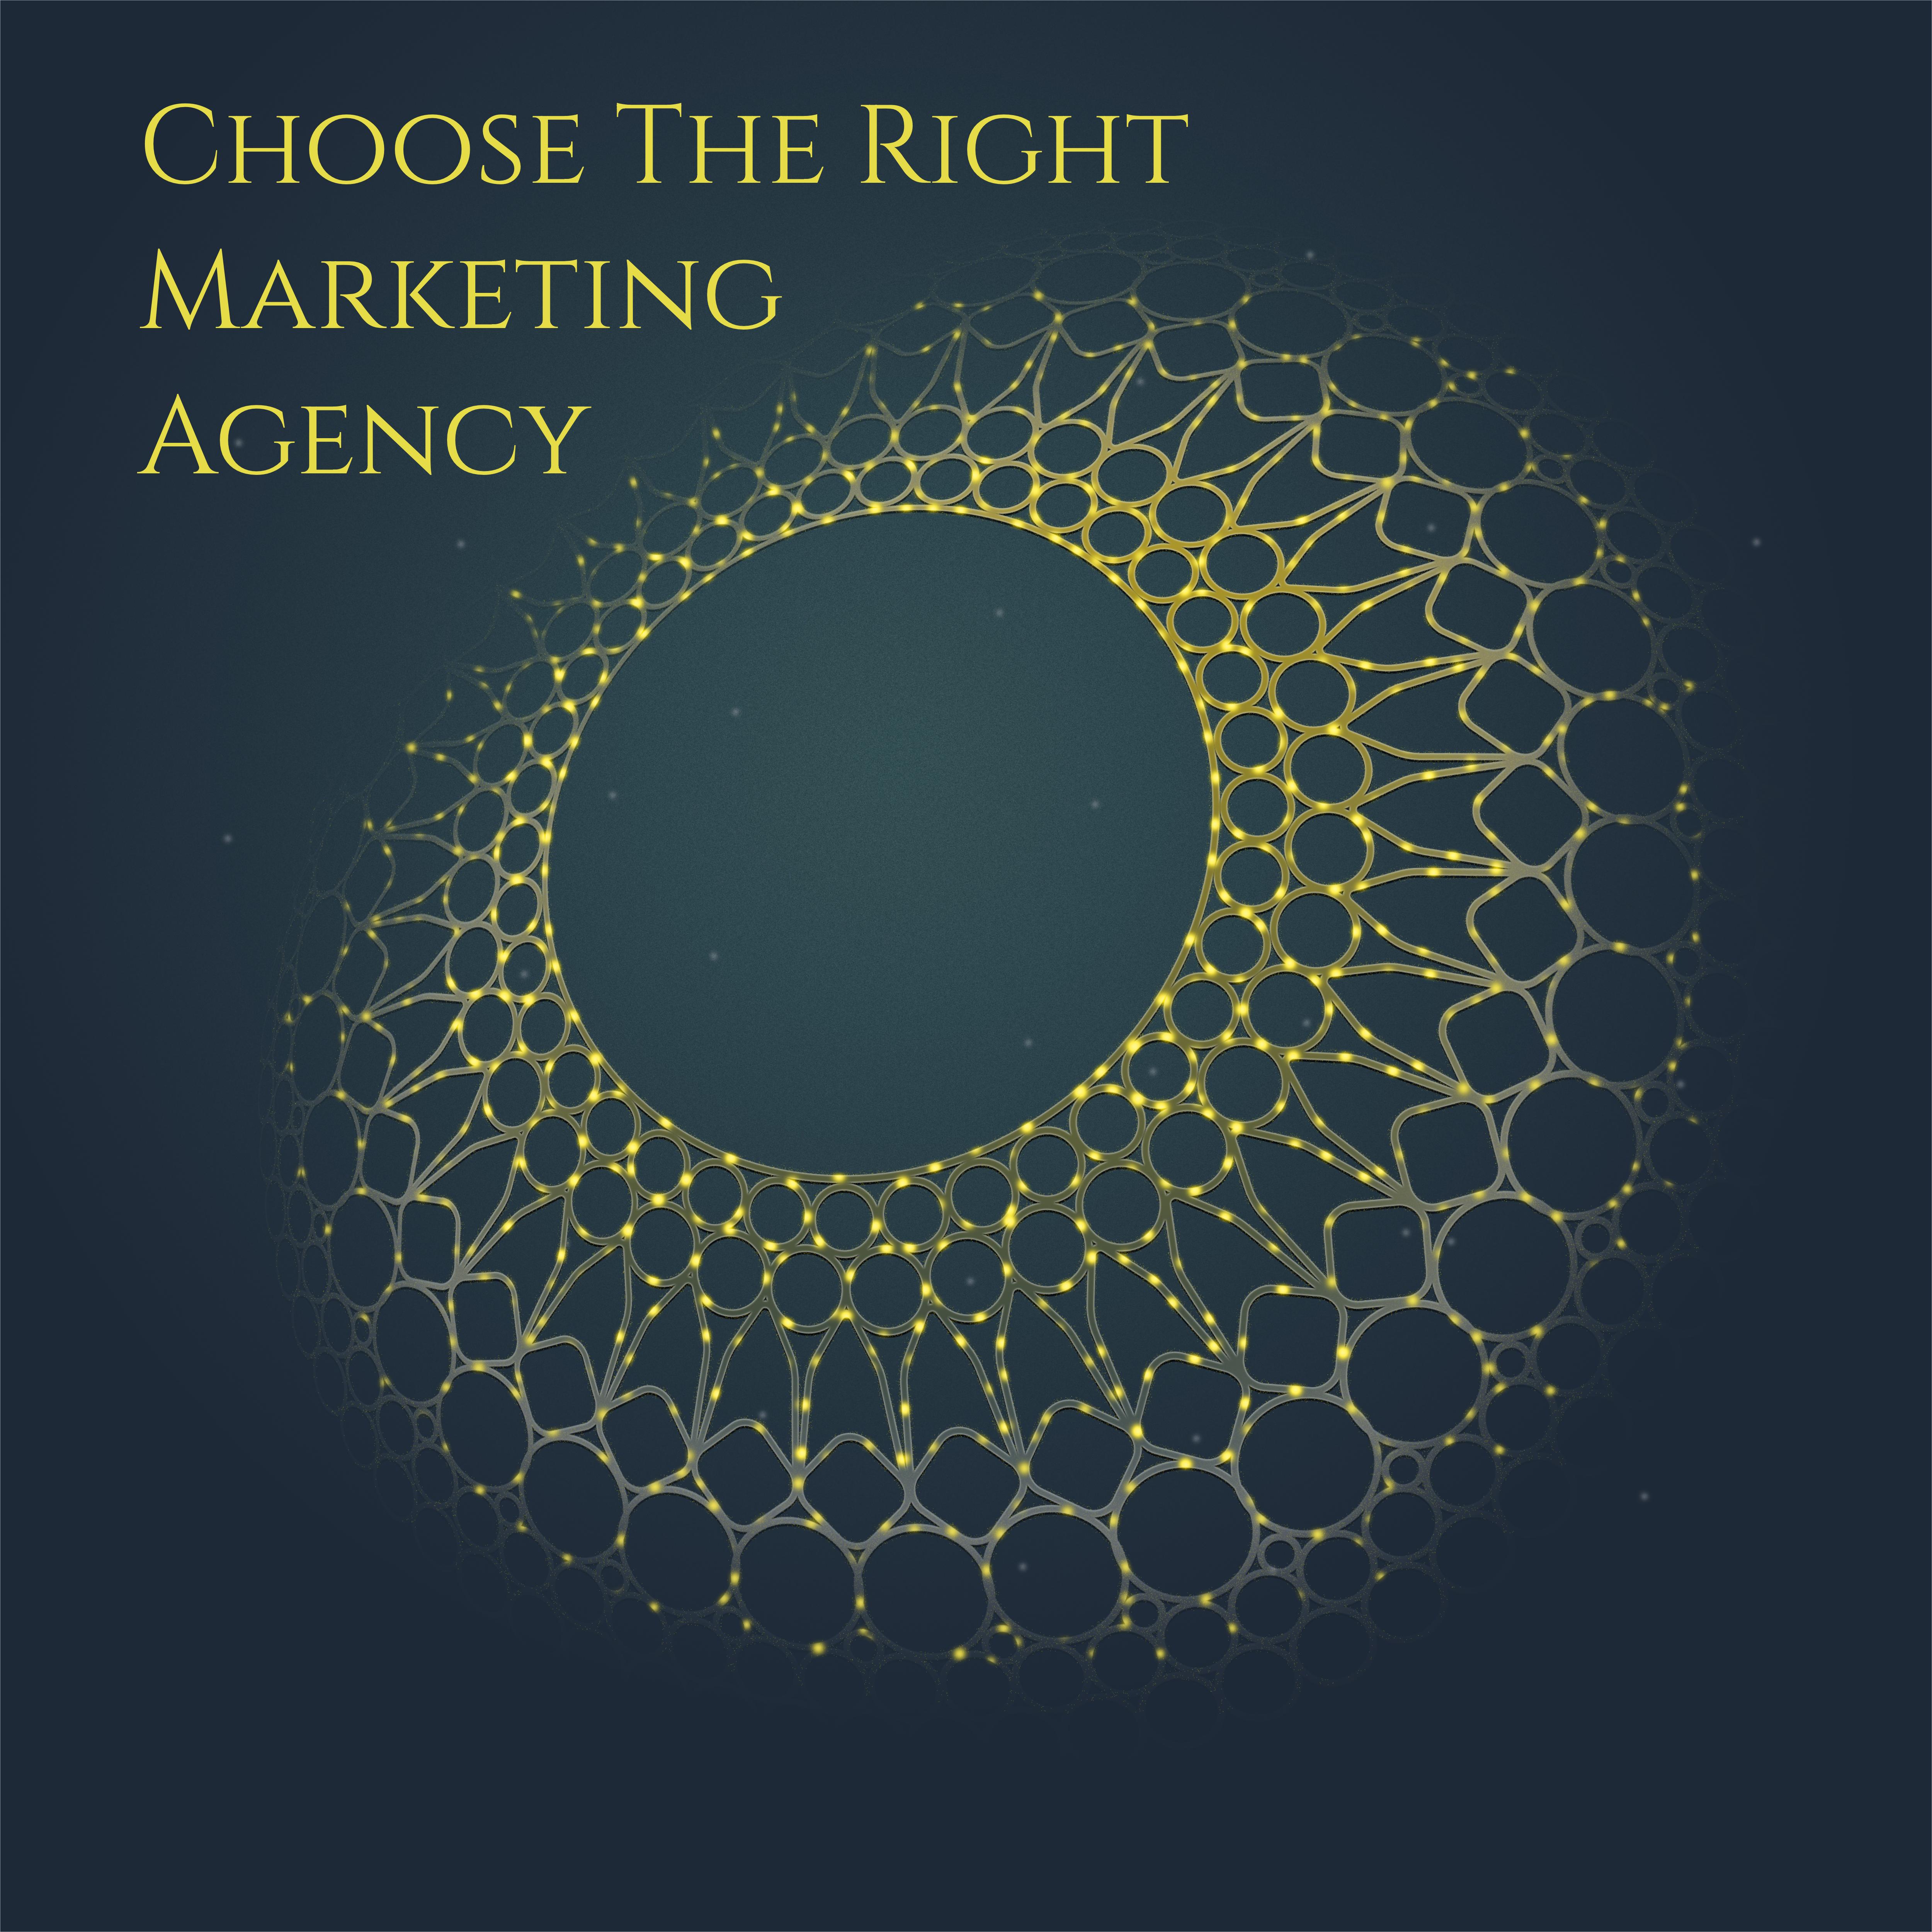 expo 2020 marketing agency